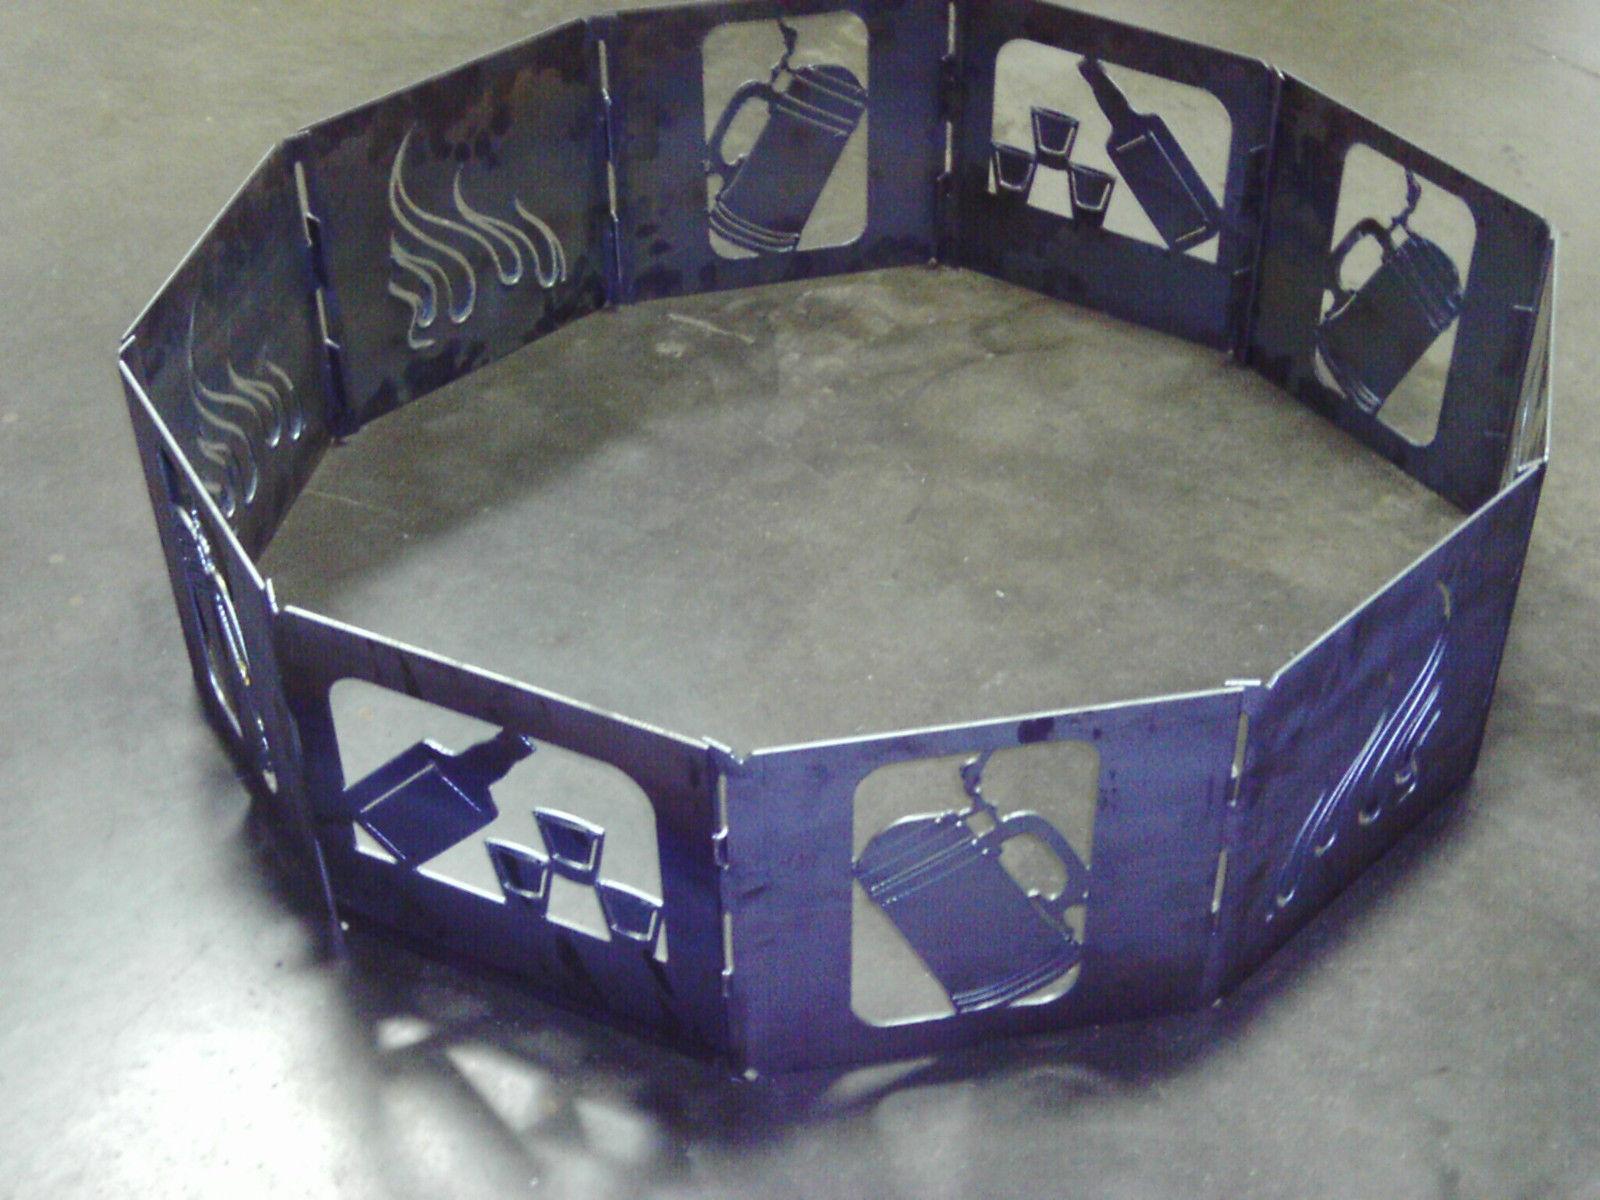 Campfire fire pit ring 40 decagon stein bottle heavy duty steel 10 panels